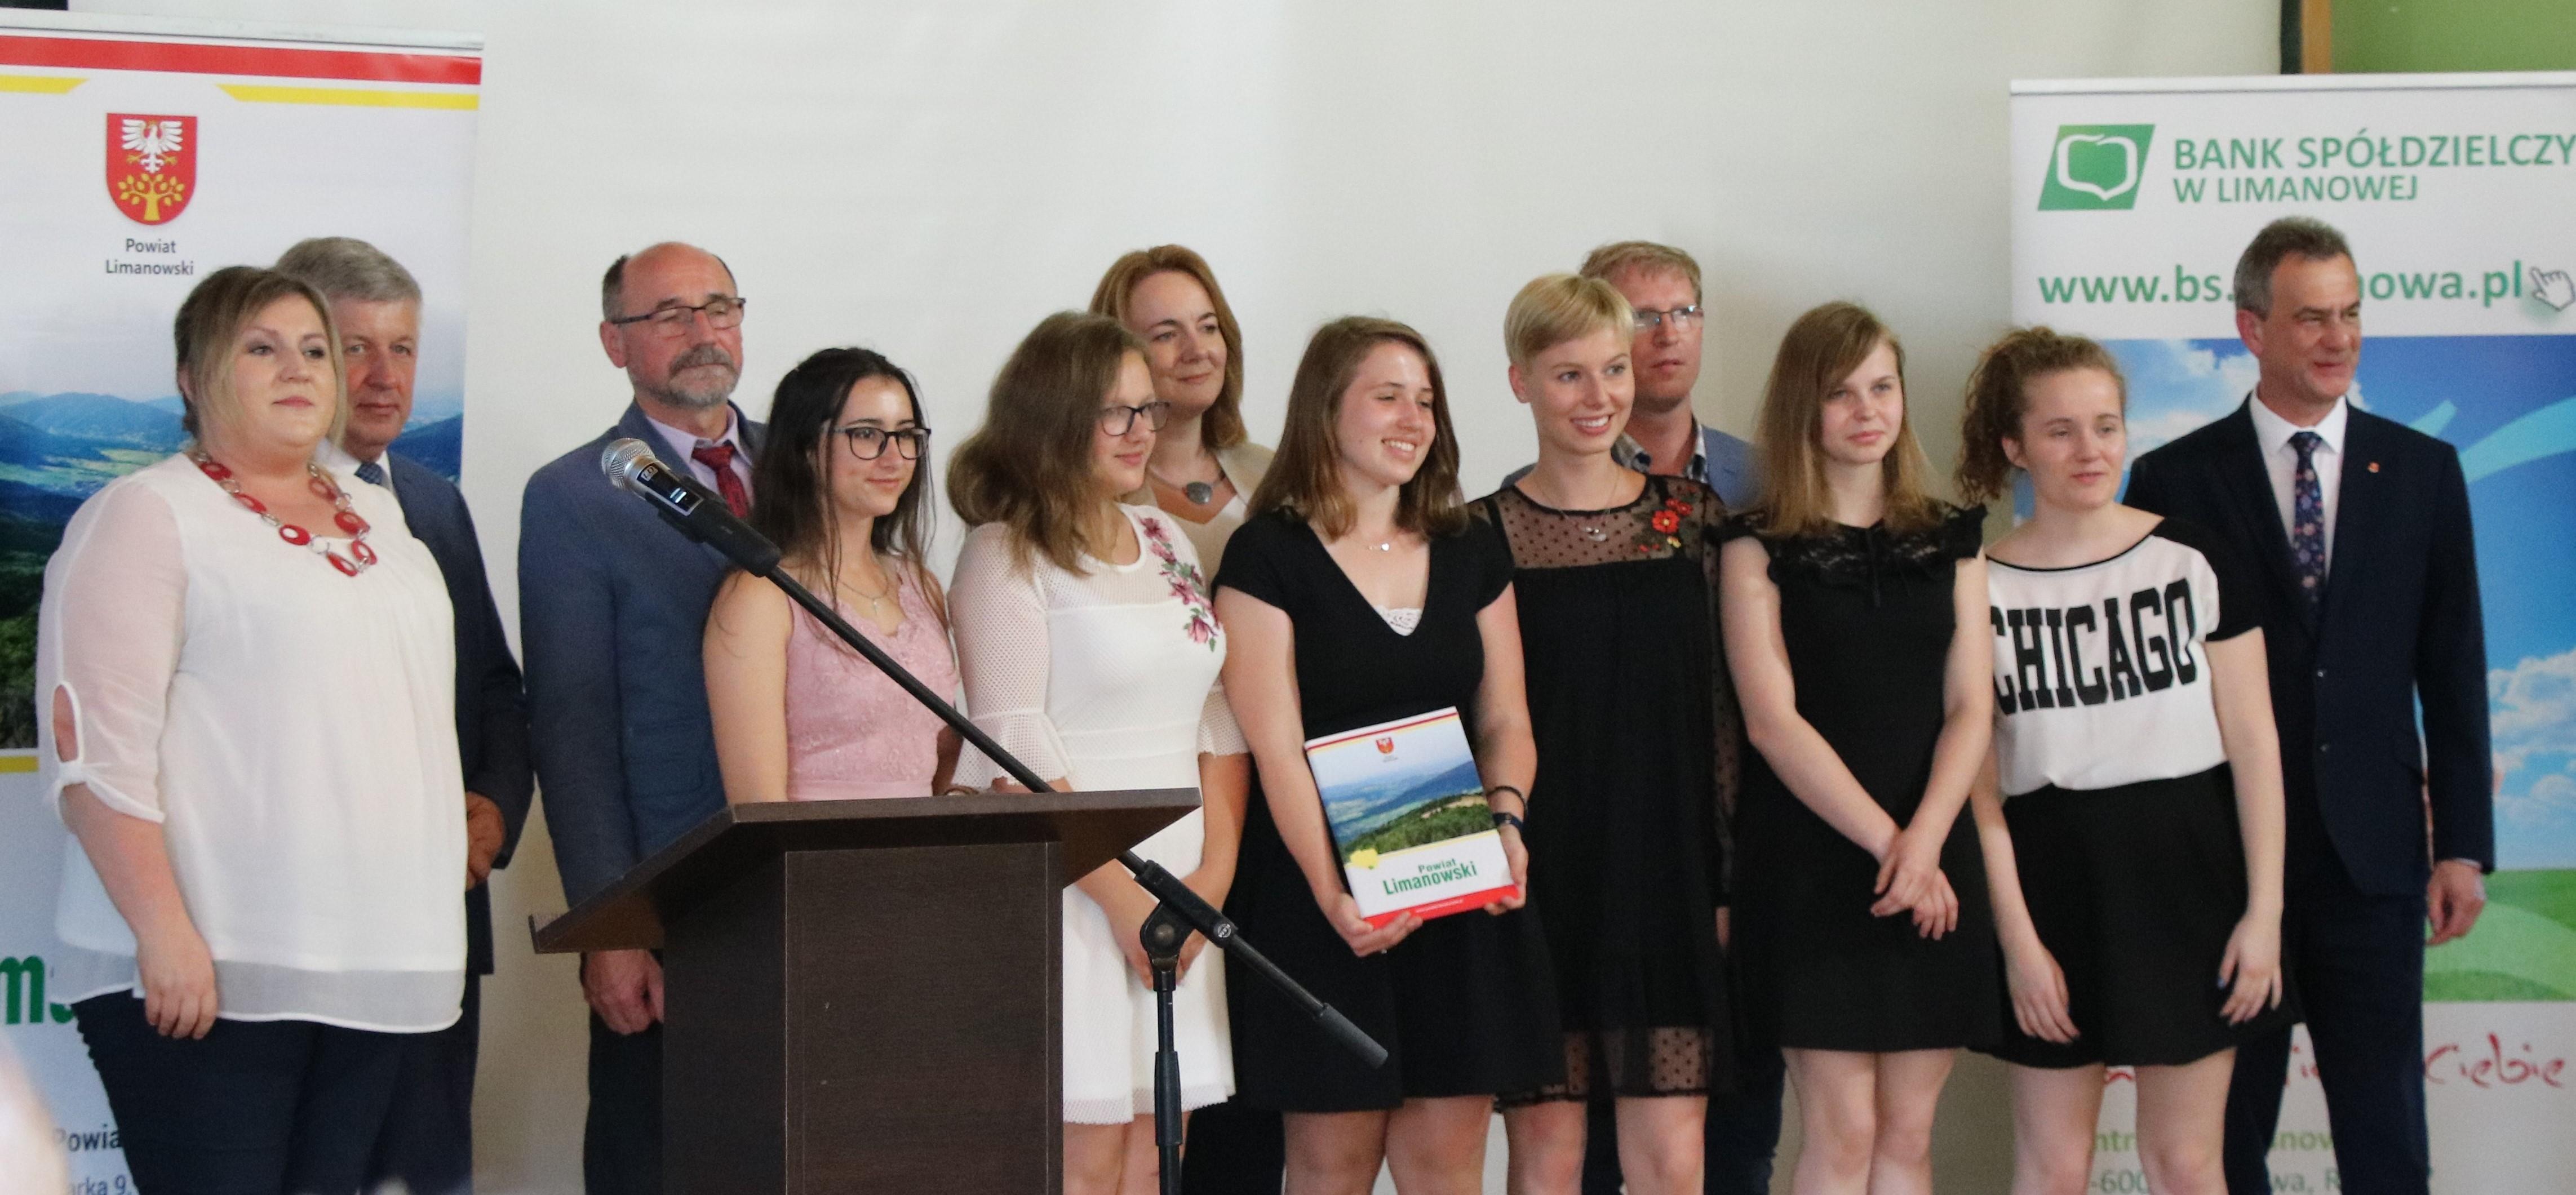 Laureaci konkusu Pomysł na Biznes na współnym zdjęciu z przedstawicielami komisji konkursowej, nauczycielami i członkami Zarządu i rady Powiatu Lianowksiego